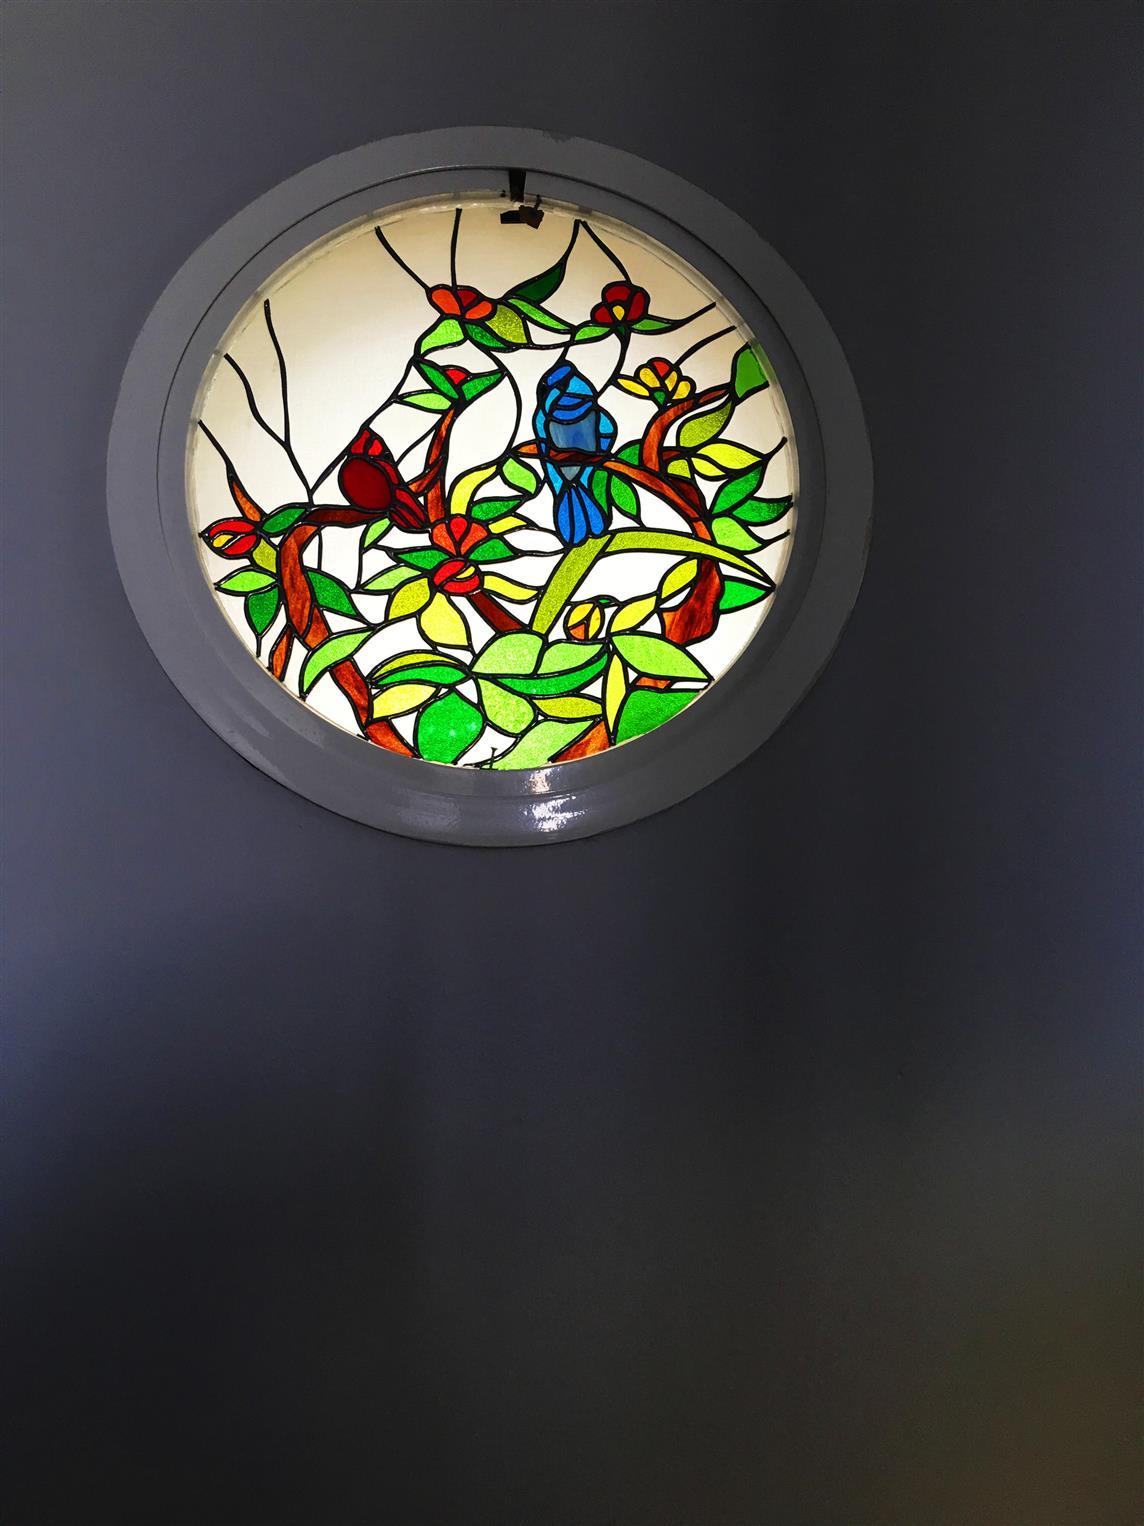 yuvarlak-pencere-vitraylari-urla20171221193956504.jpg izmir vitray çalışması